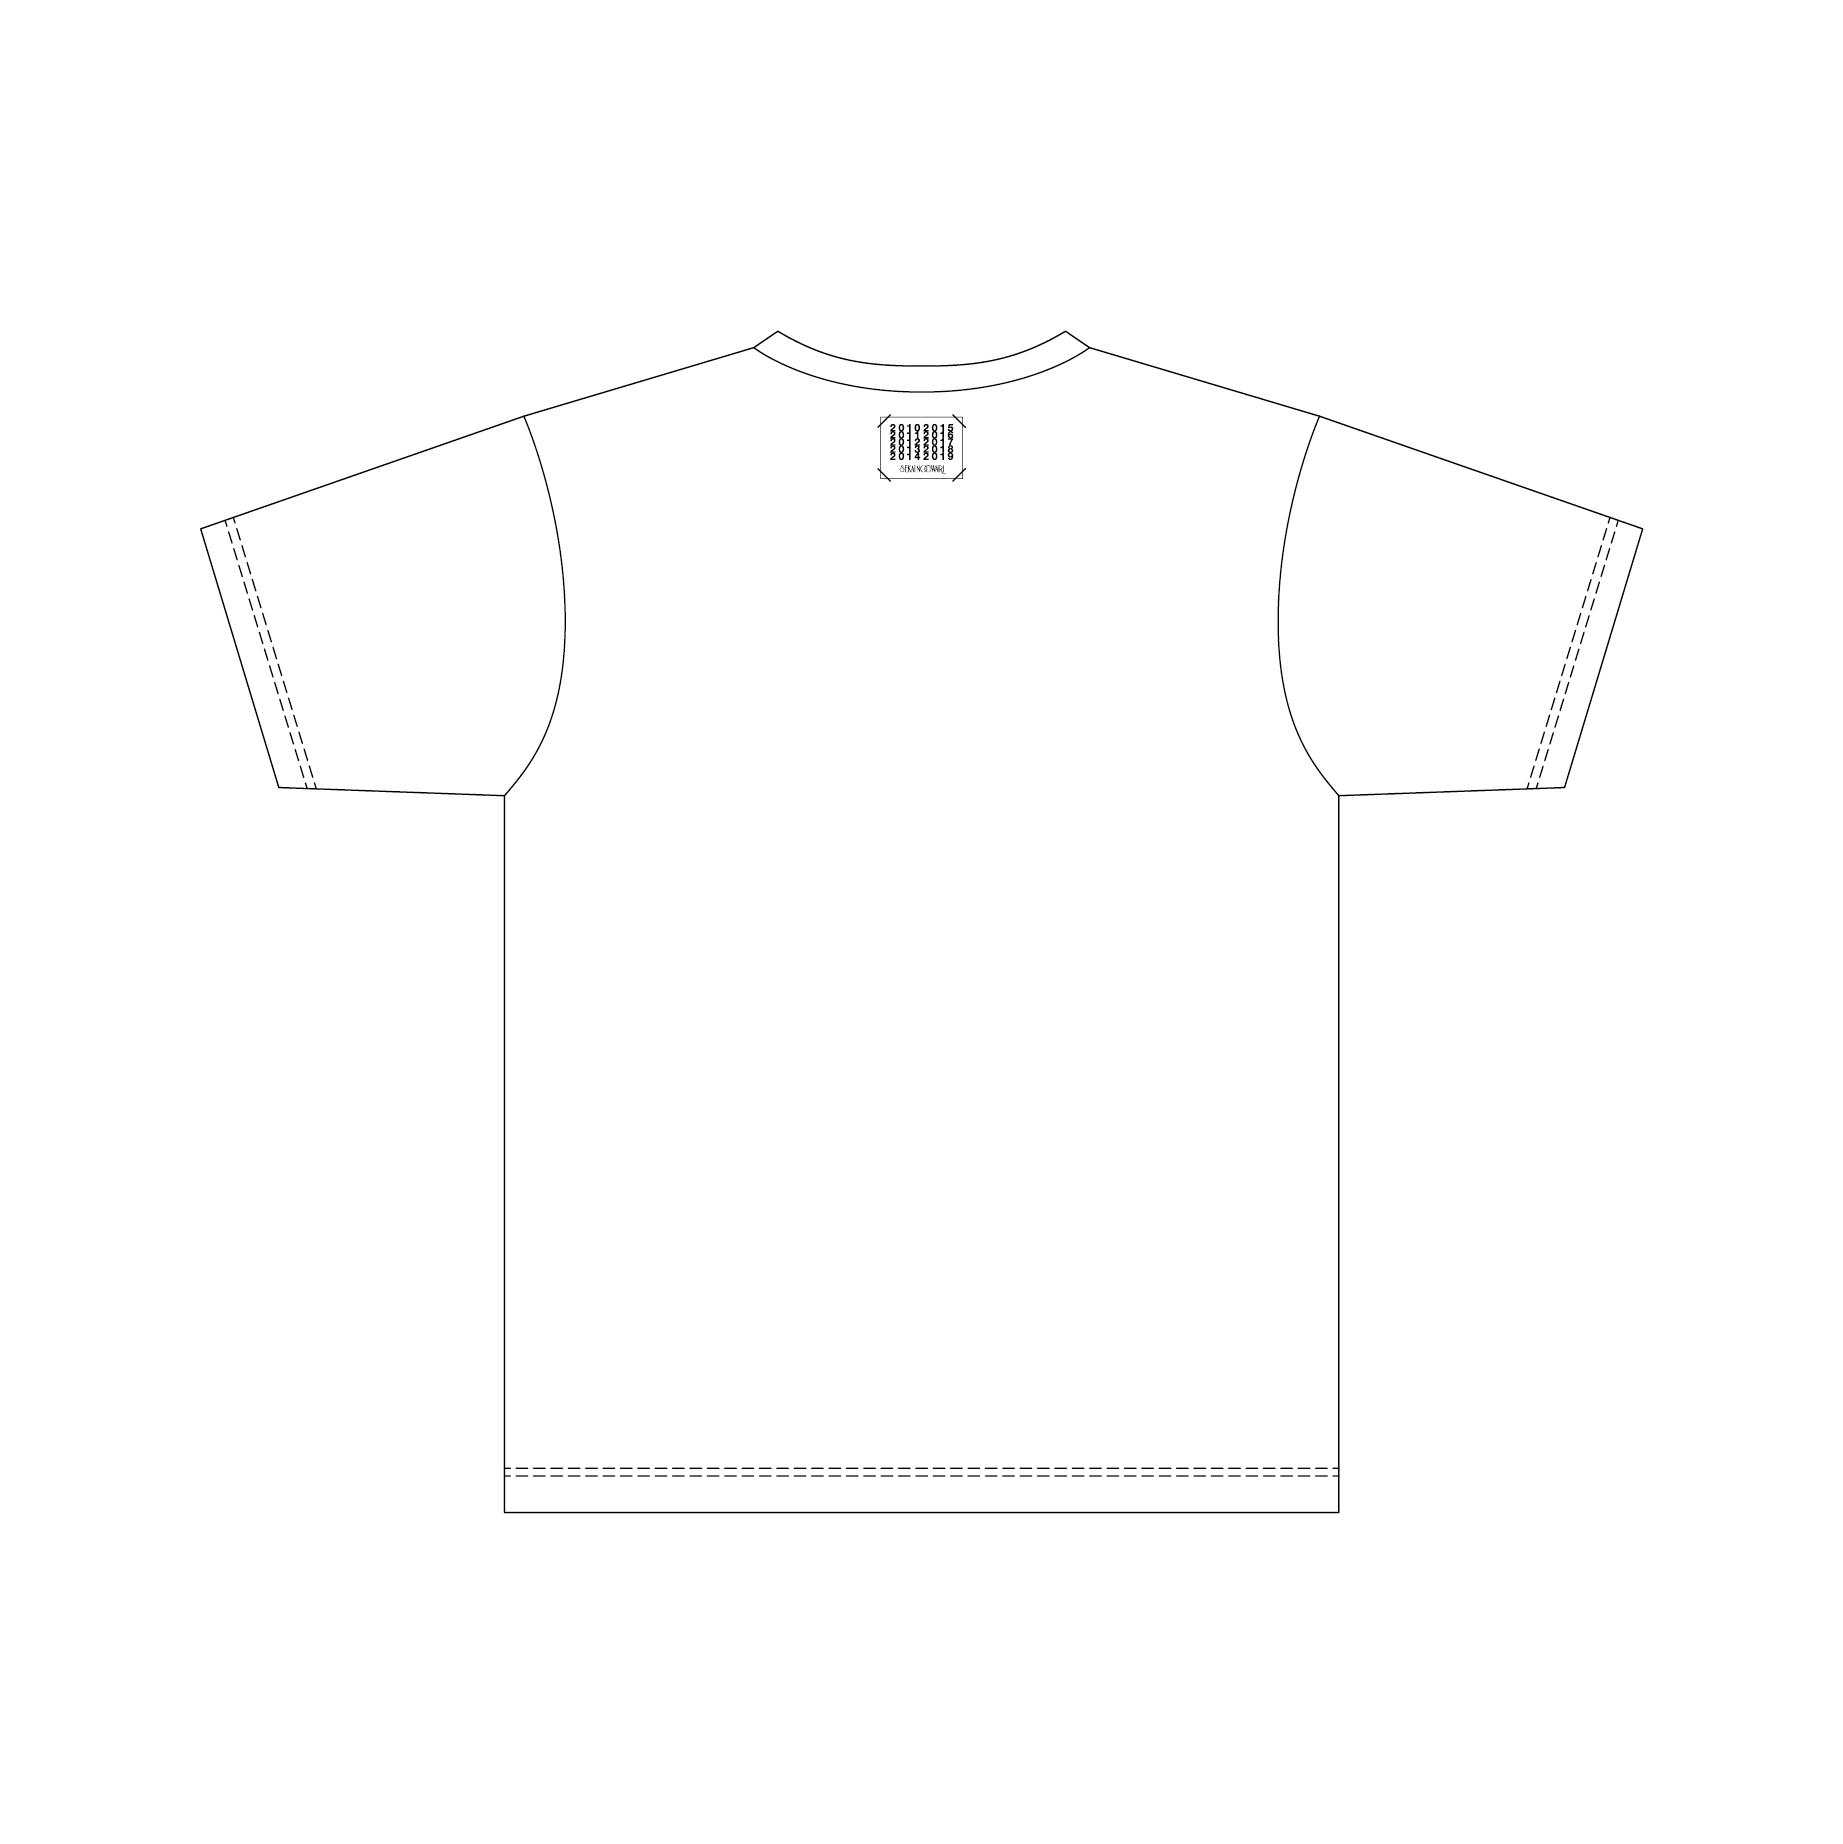 「ベストアルバム発売記念グッズ」Tシャツ(ホワイト)Back